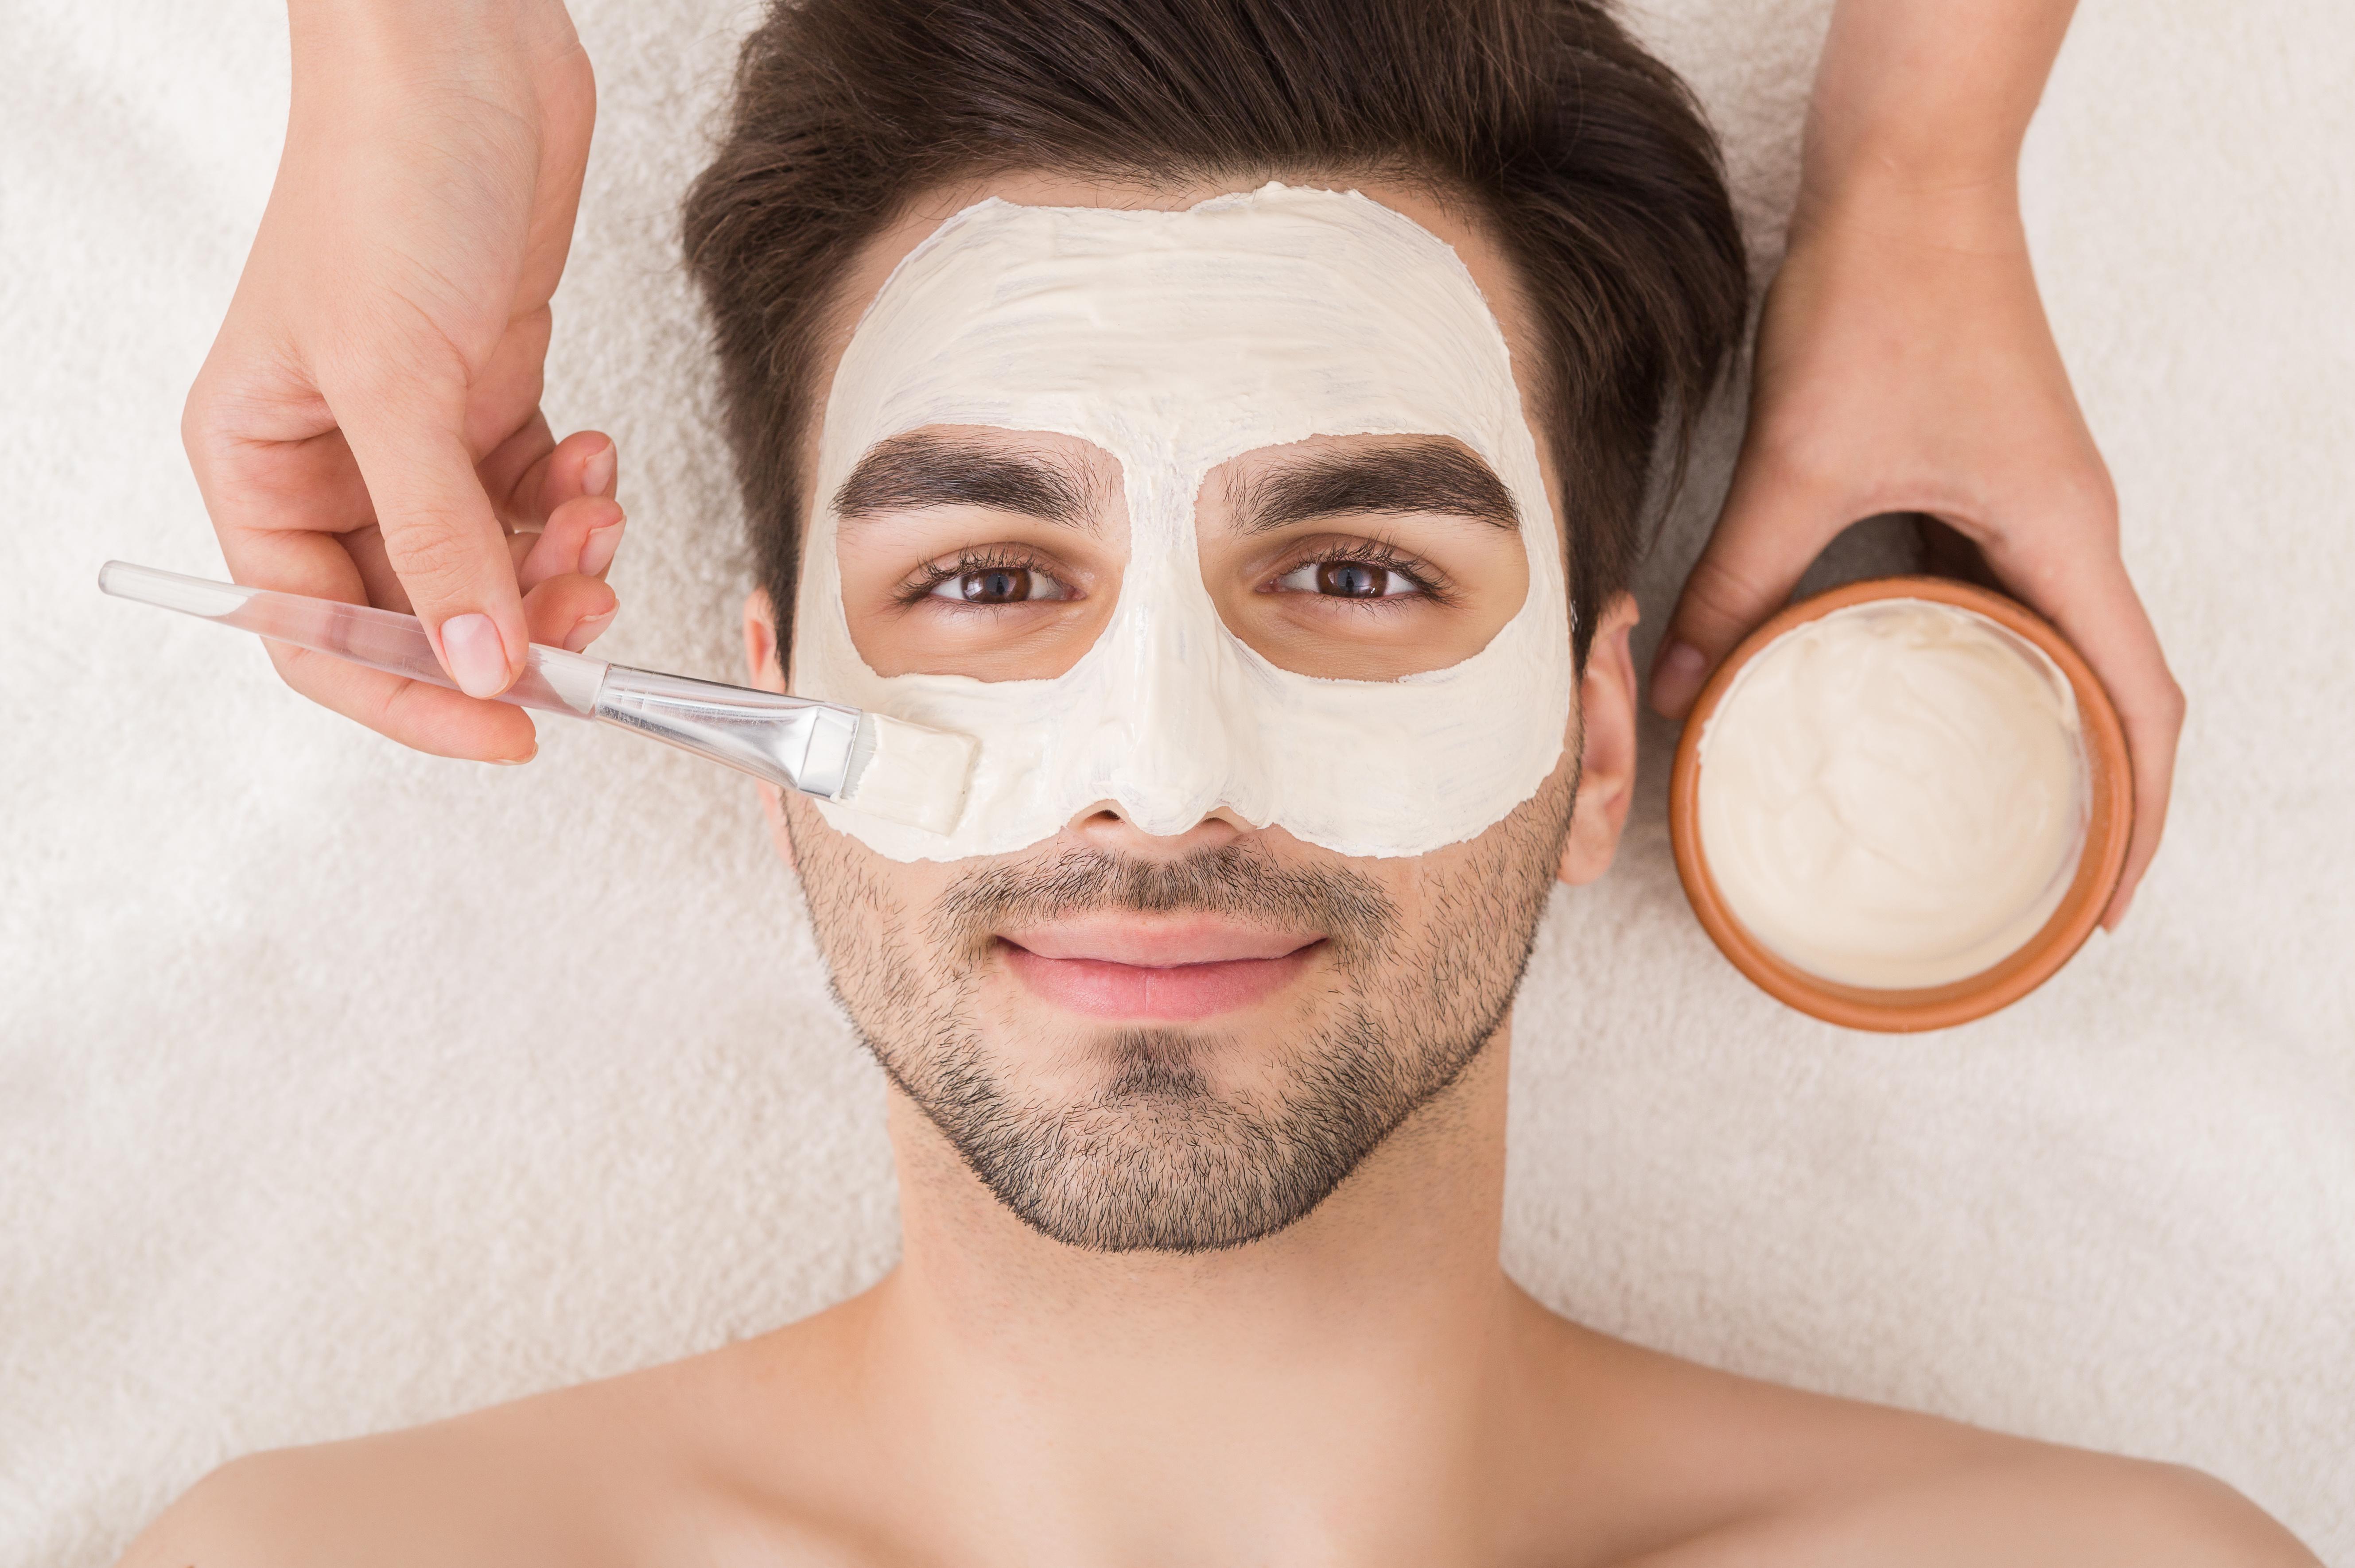 Messieurs, prenez soin de votre visage !